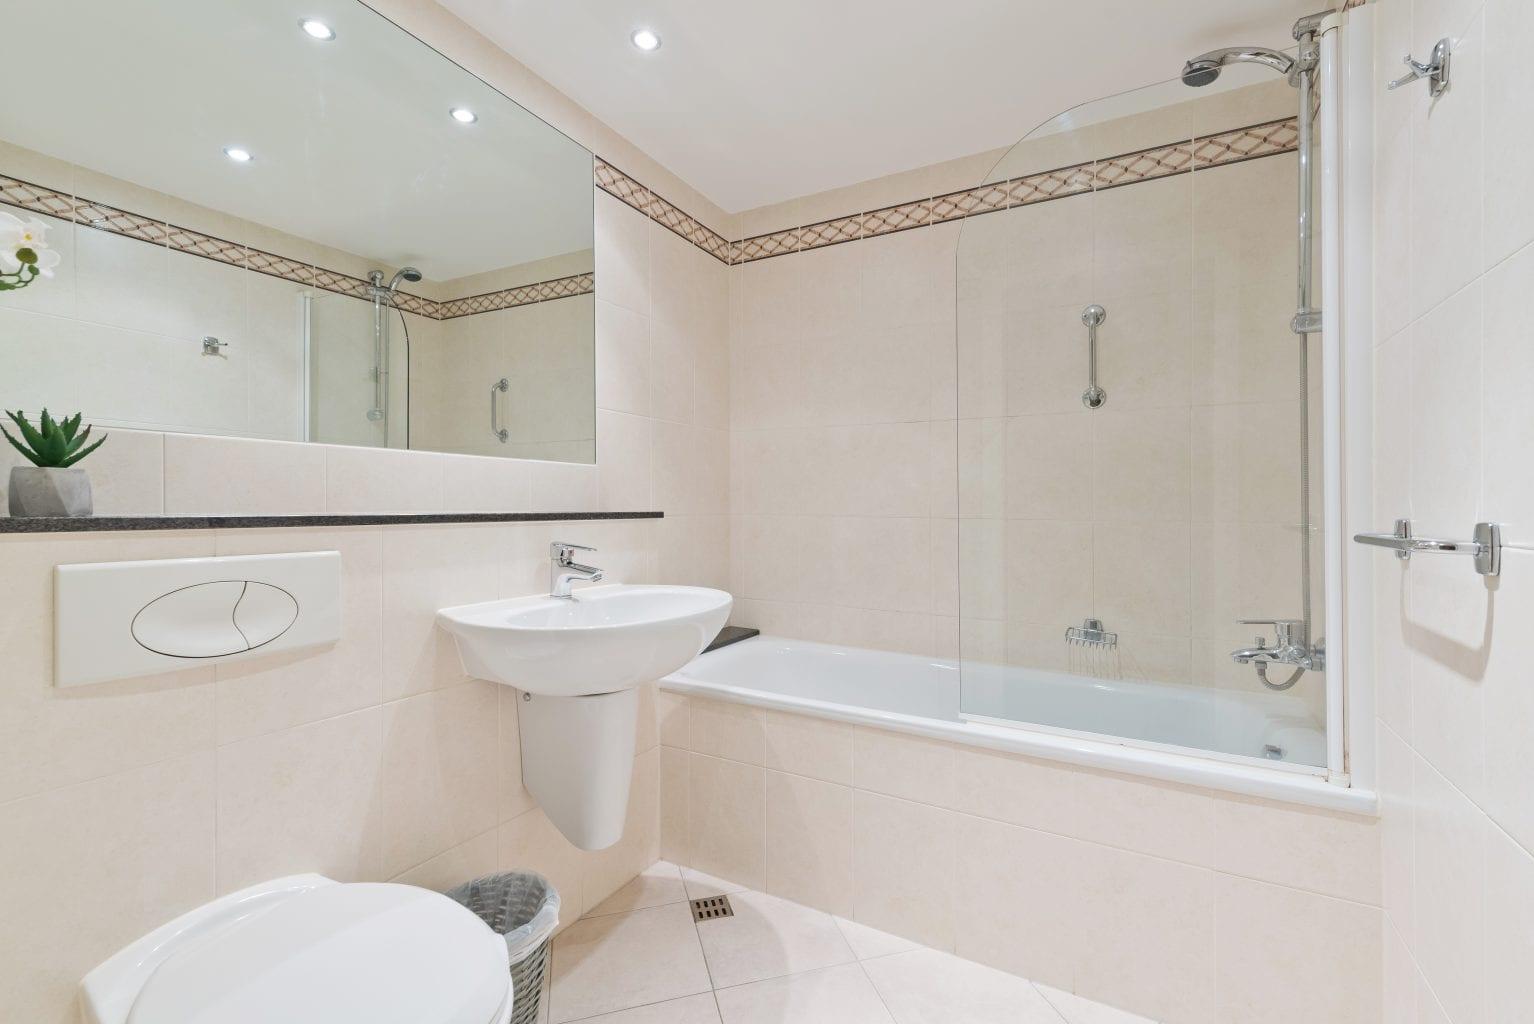 Bathroom at Longboat Quay, Docklands, Dublin